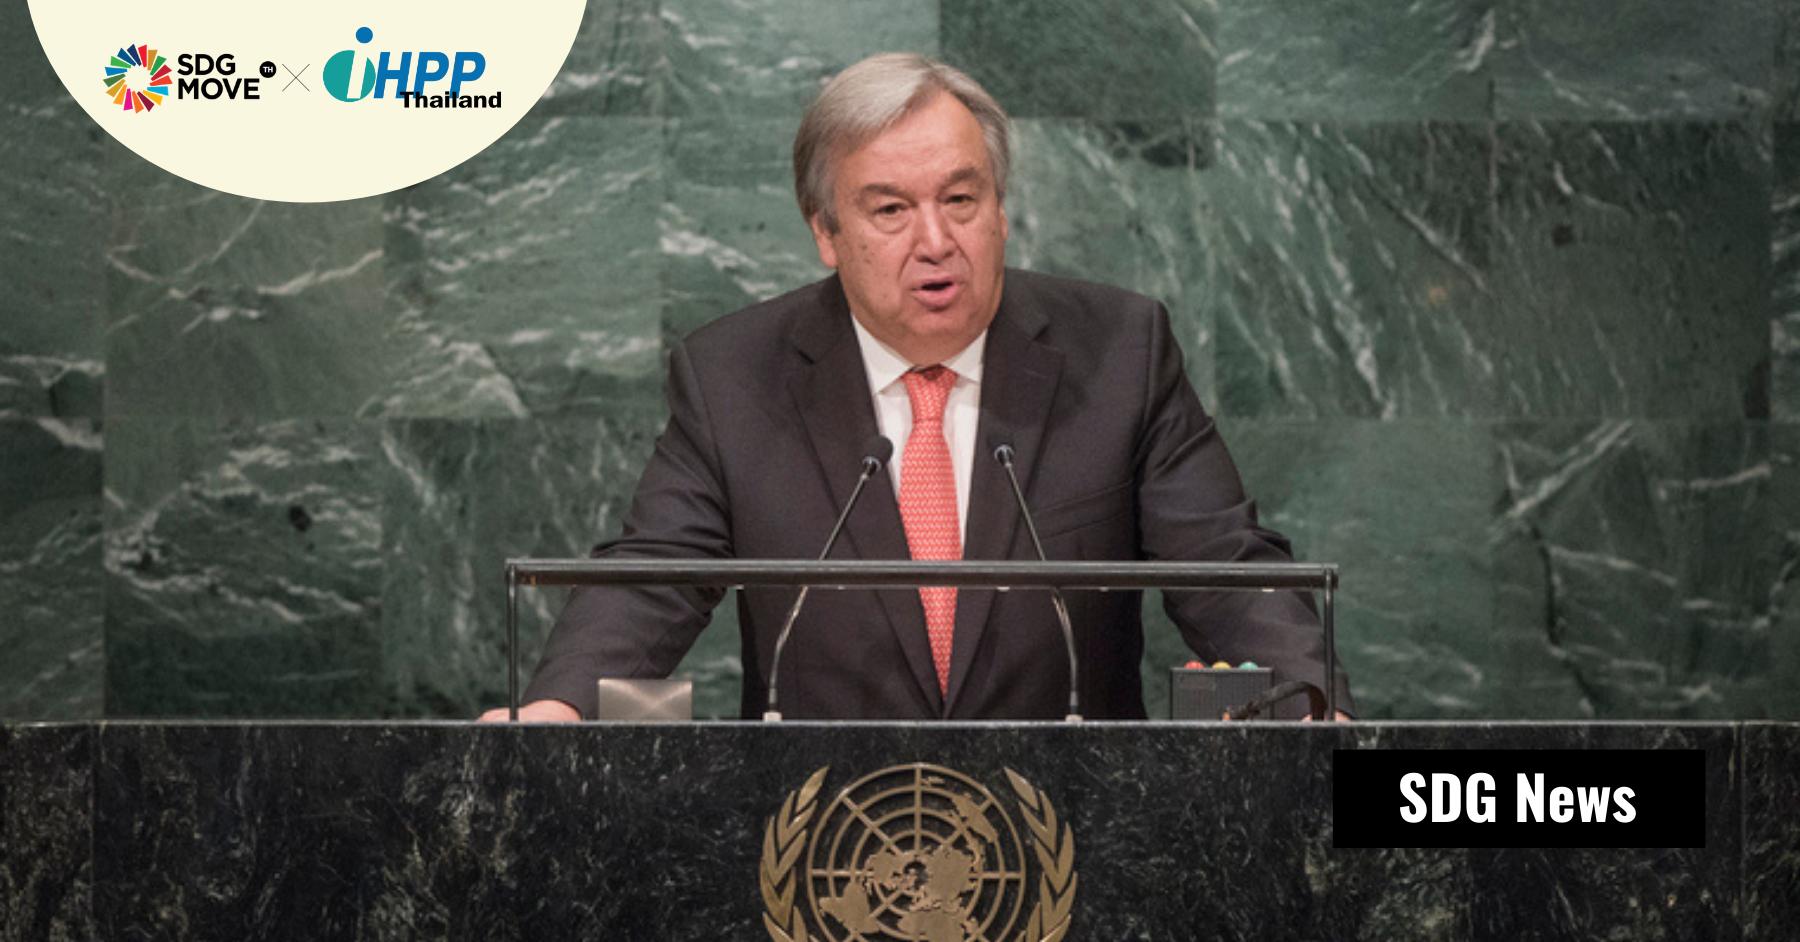 เลขาธิการ UN แถลง 10 ประเด็น ที่ต้องให้ความสำคัญเป็นพิเศษในปี 2021